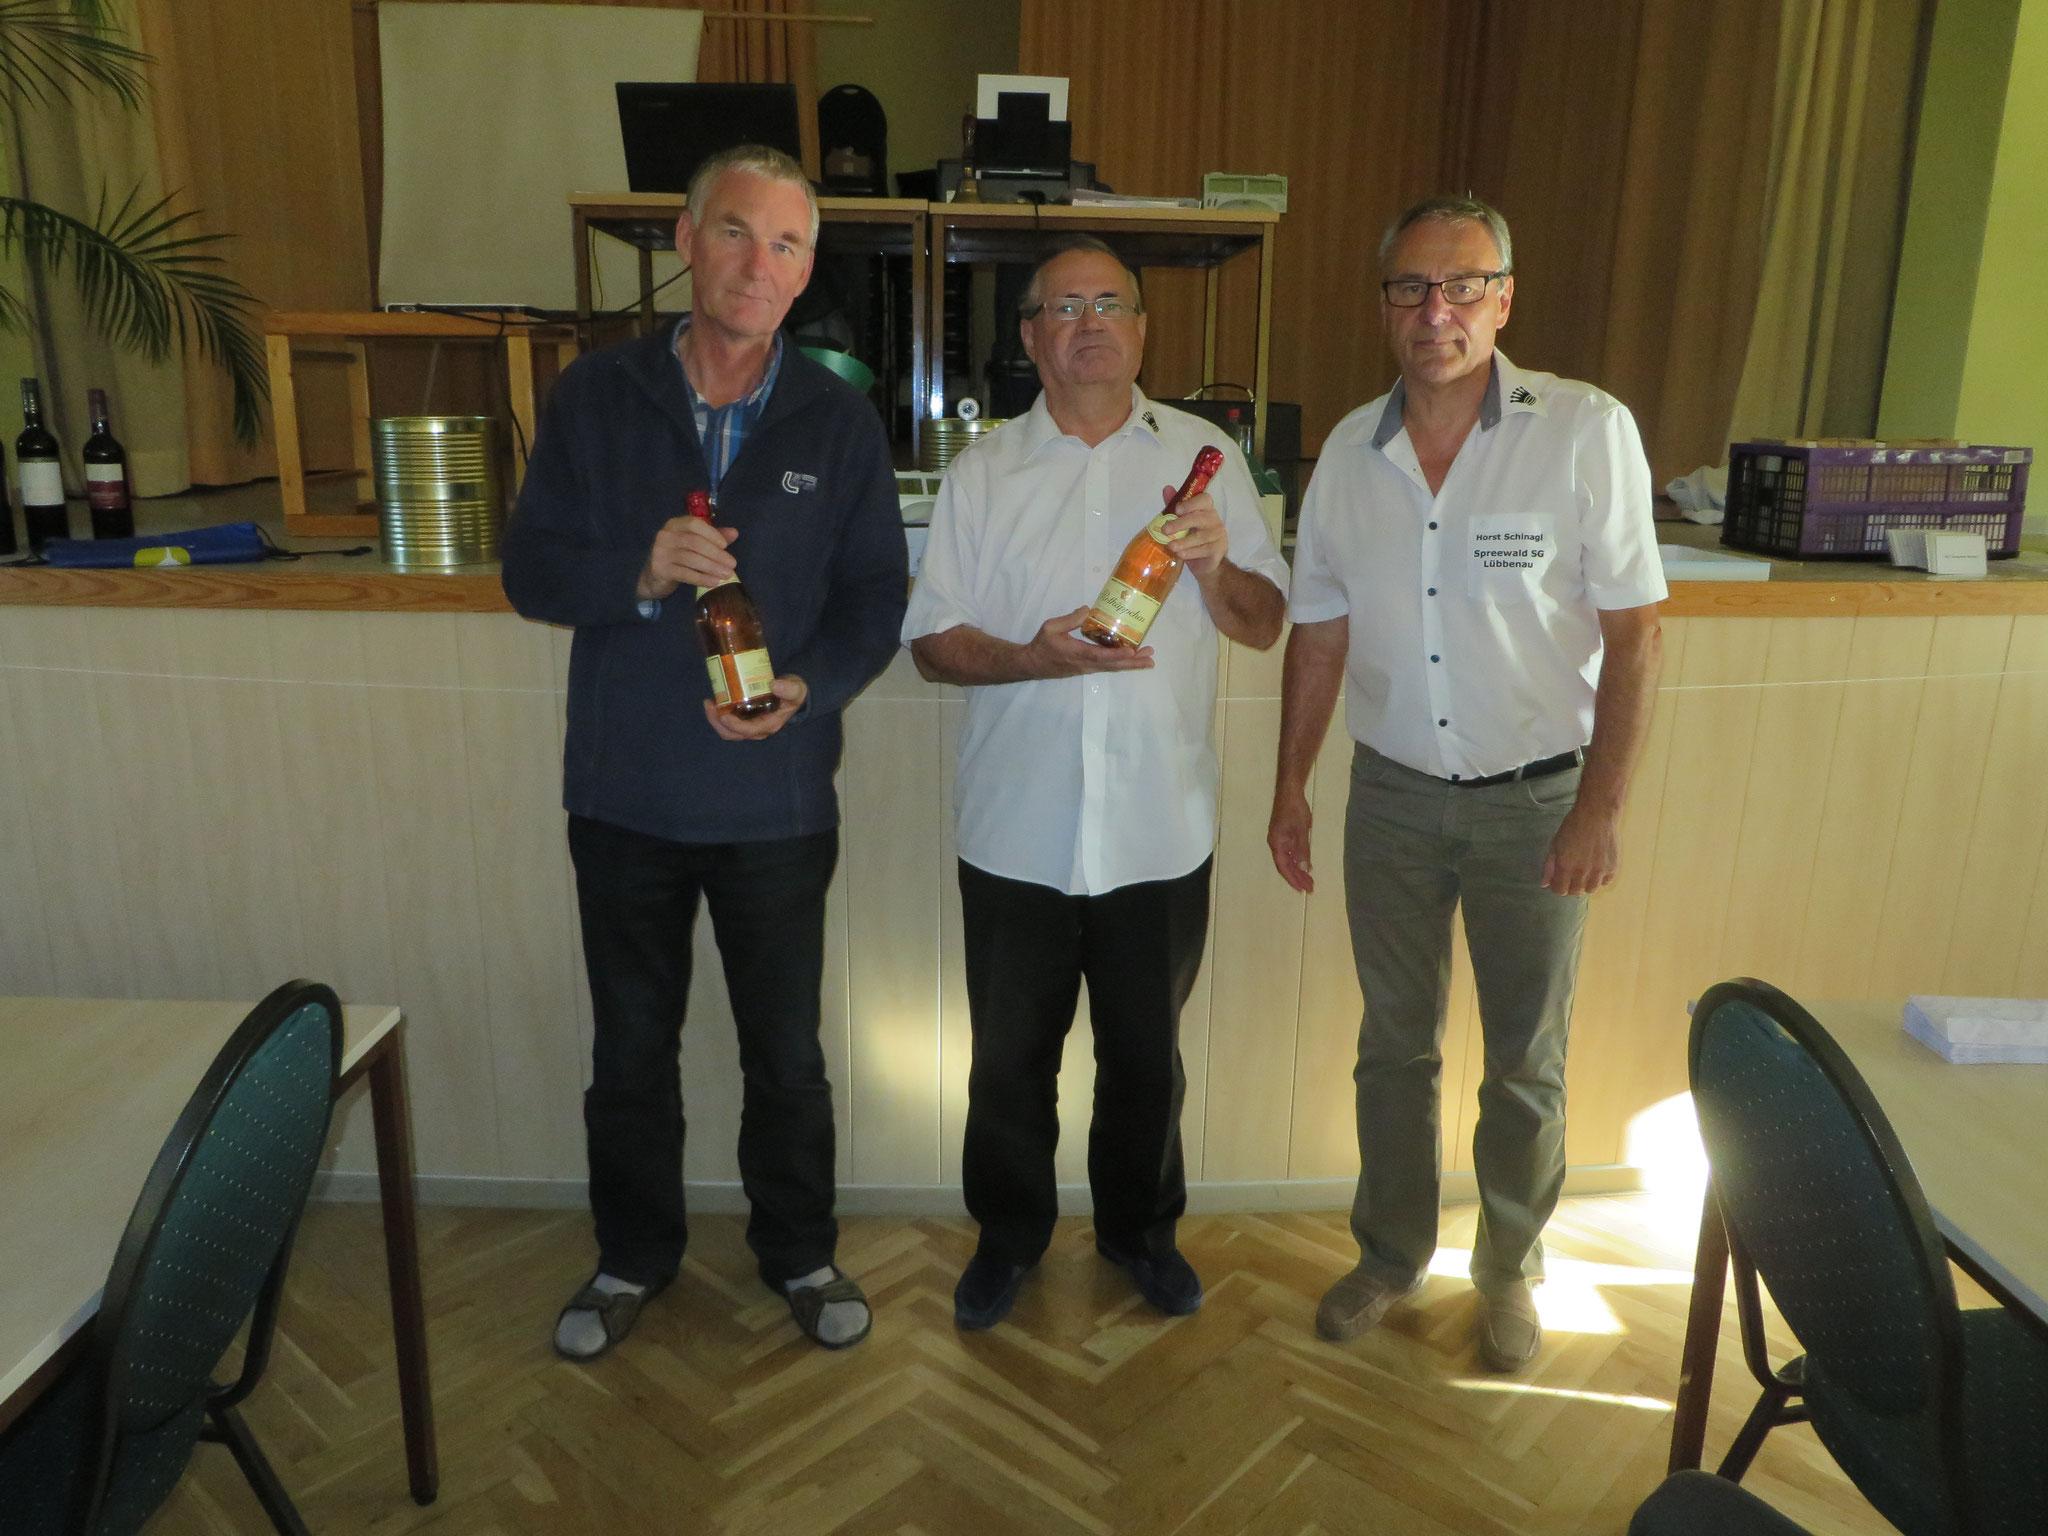 Ehrung für die jeweils 150. Partie beim Spreewaldpokal (mit Horst Schinagl rechts)